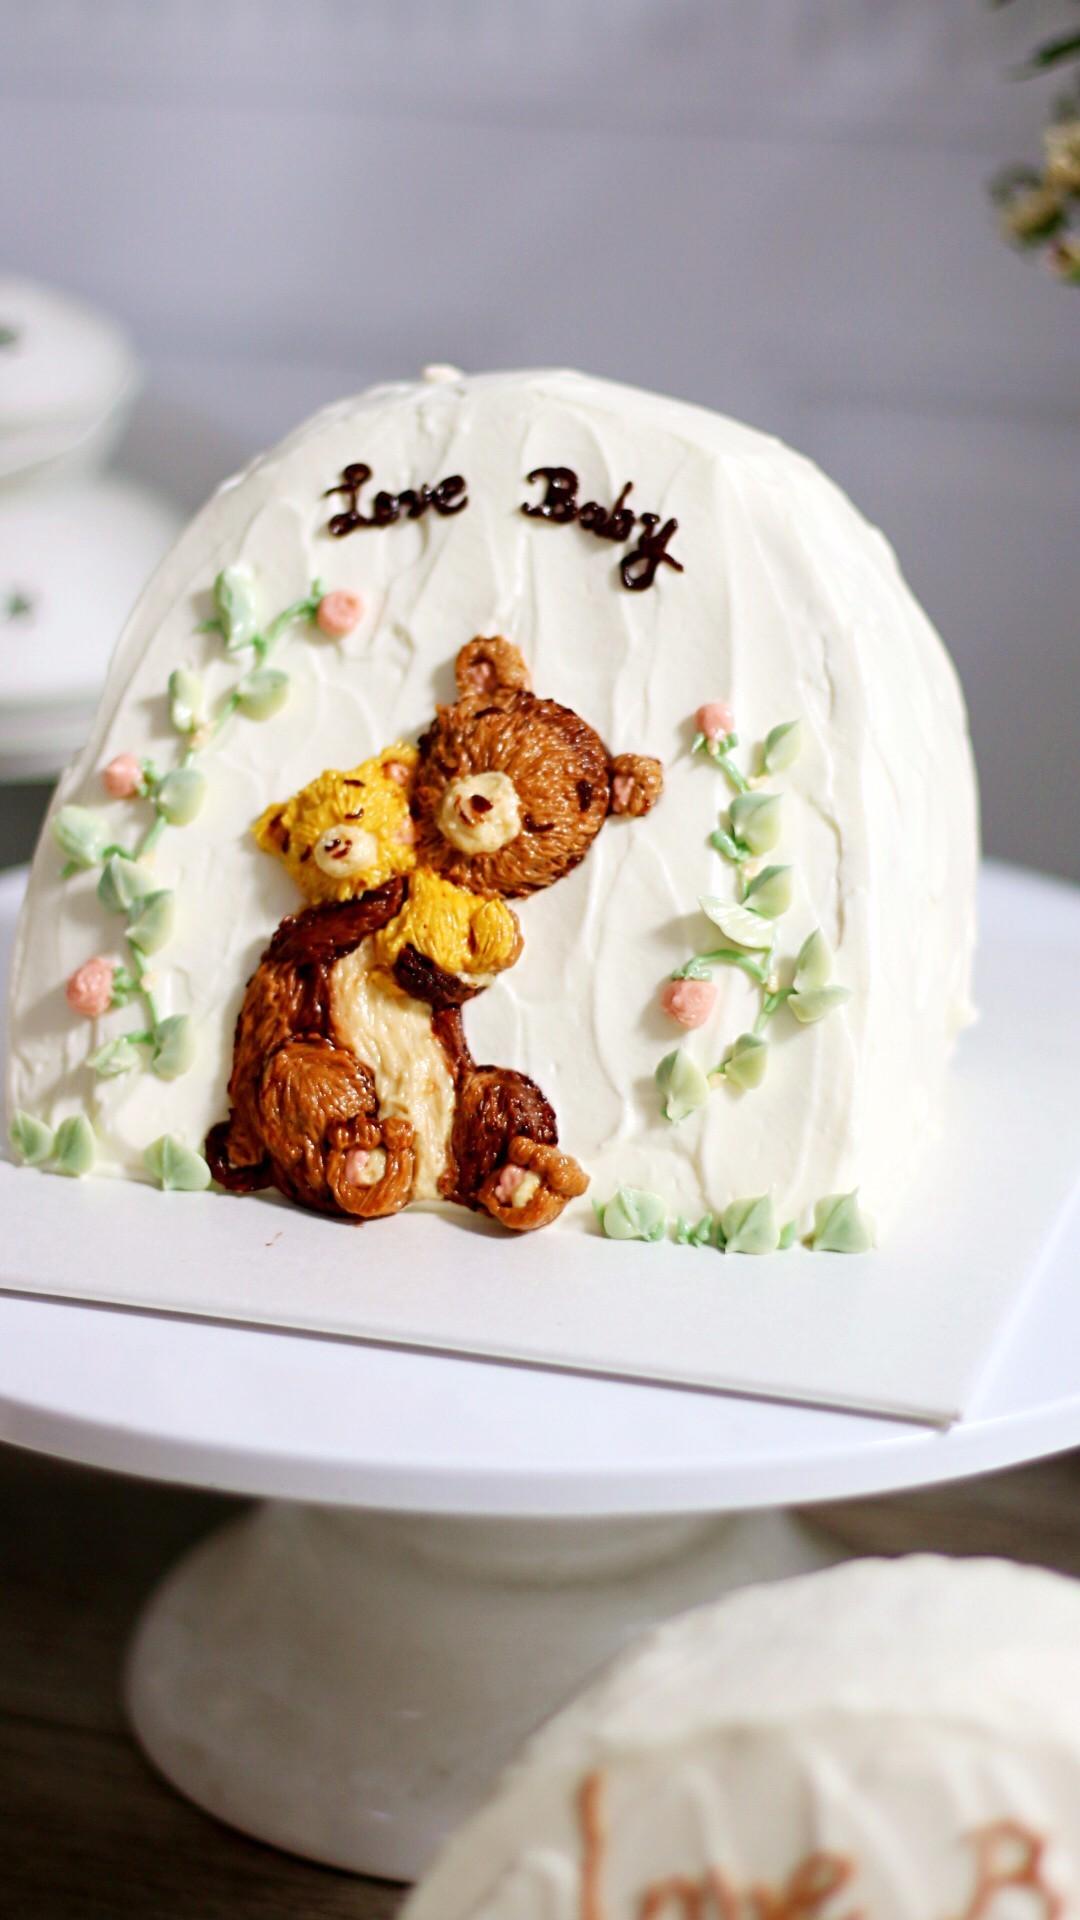 妈教你制作汽车蛋糕,圆宝宝一个汽车梦